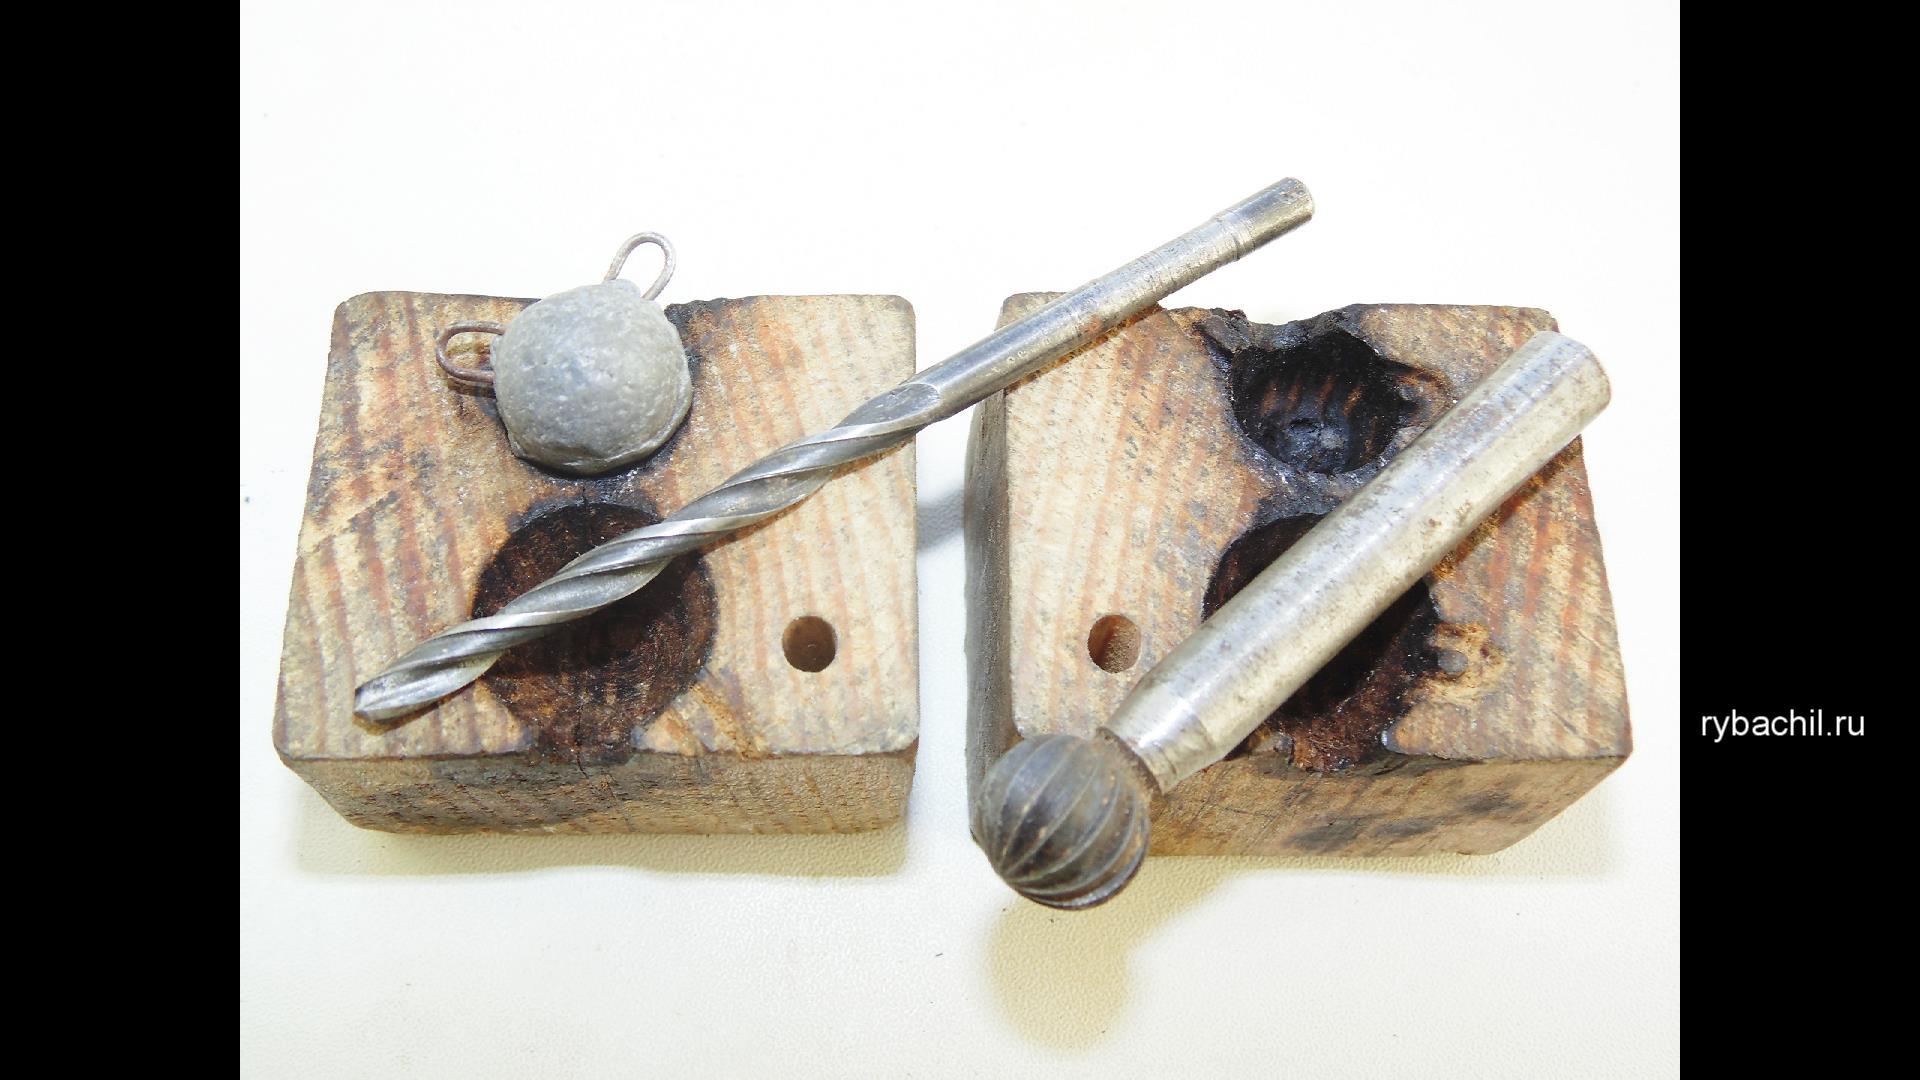 Формы для литья грузил - изготовление своими руками из гипса и 85